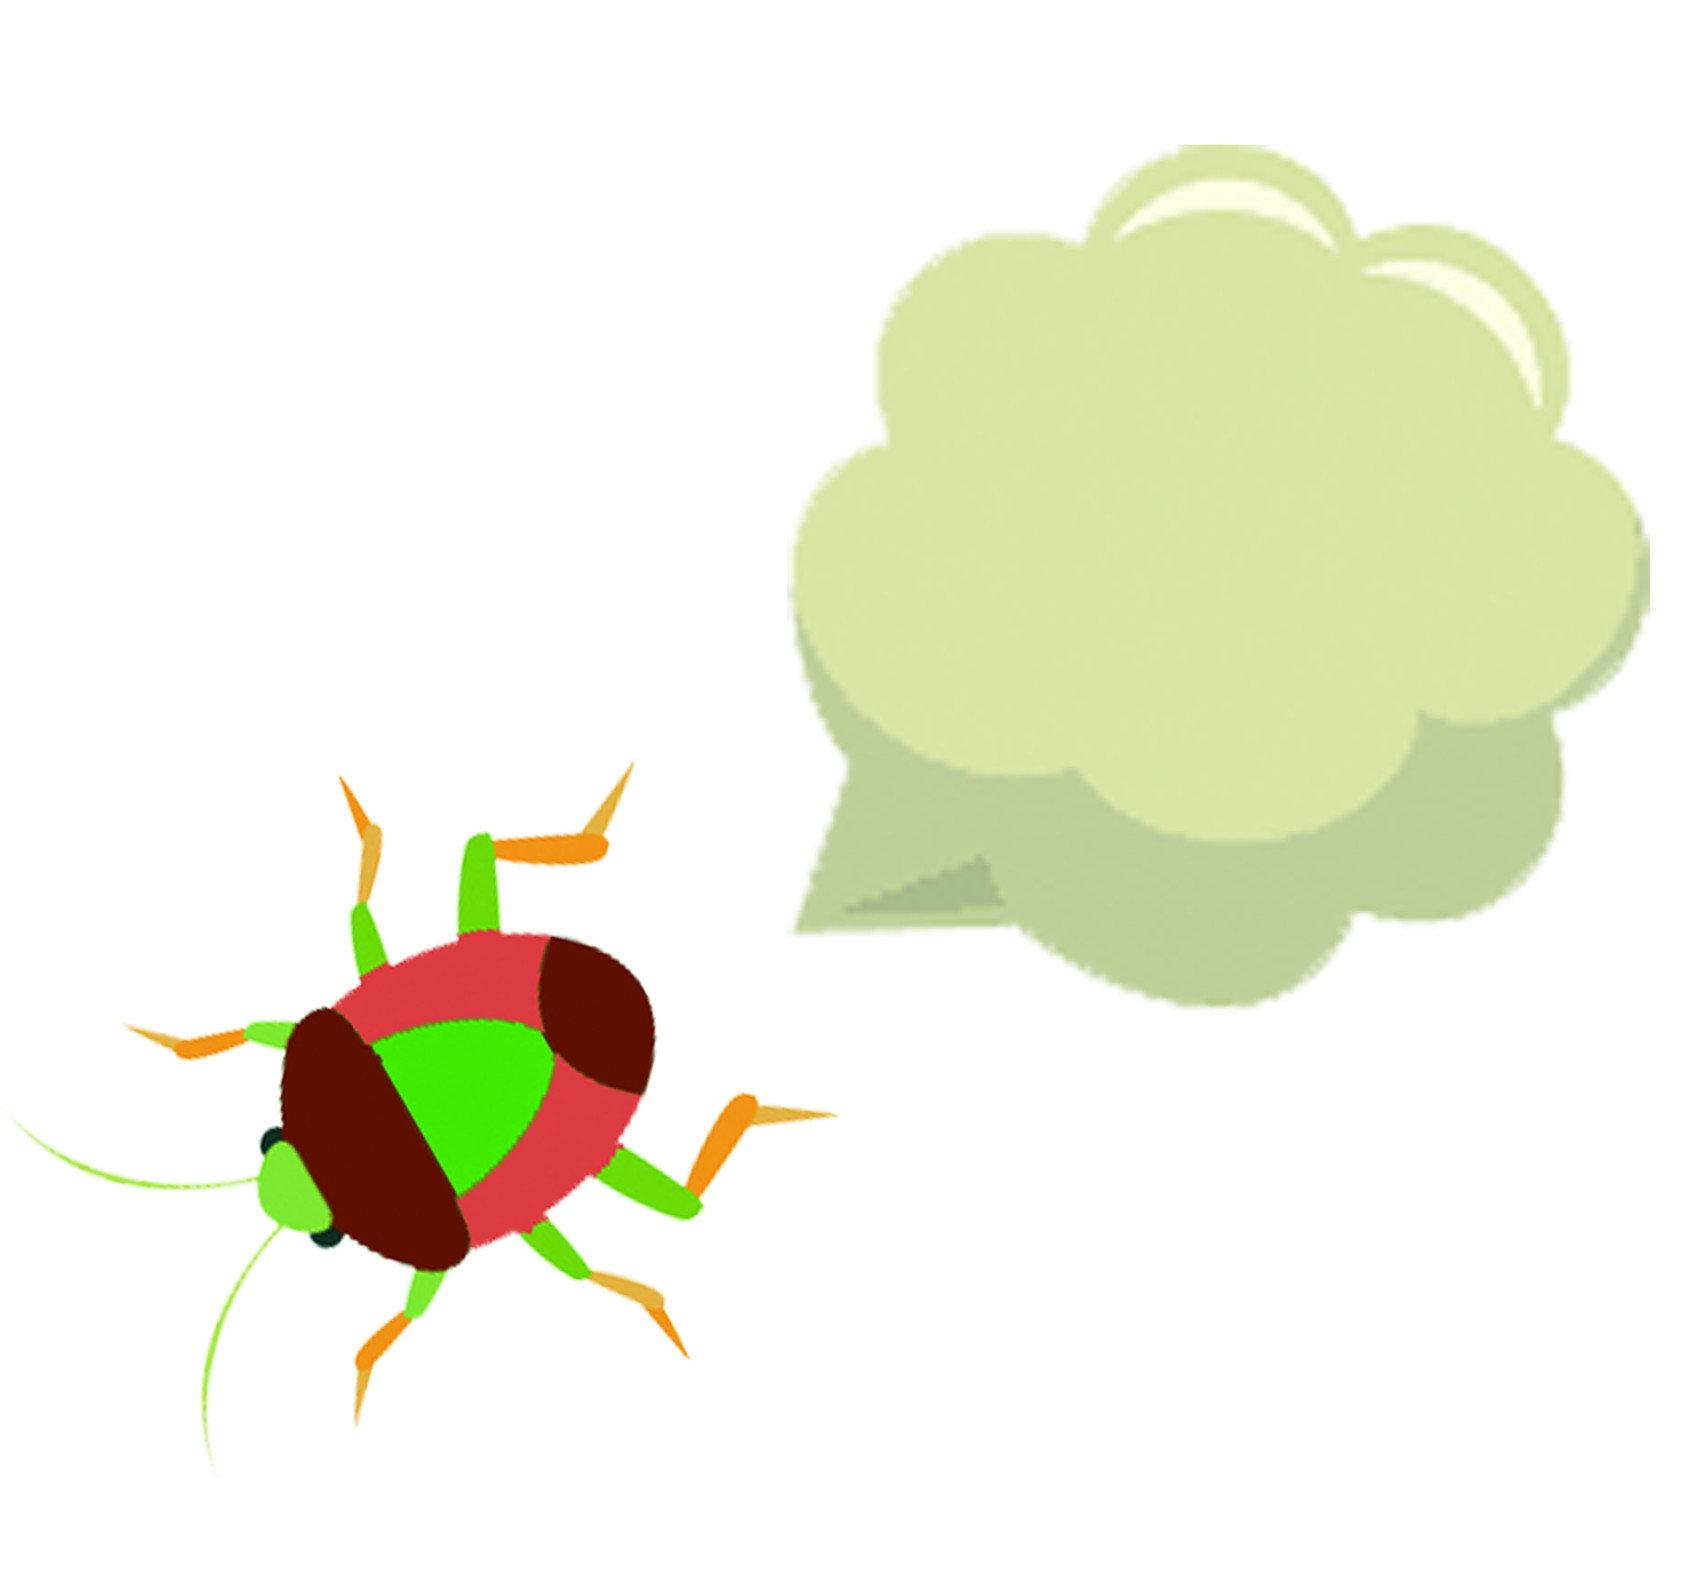 紅姬緣椿象大多與台灣欒樹共同生存,屬於互利共生的好朋友,不僅對樹木不造成傷害,更是不會攻擊人類,也不會對人體有威脅。在三到五月春暖花開之際會大量聚集,更被戲稱為「會動的枸杞」,除了看起來有點密集而可怕,是一種無害的蟲子。在除去荔枝椿象時, 不妨多看幾眼,以免誤殺對本土環境扮演重要腳色的紅姬緣椿象。